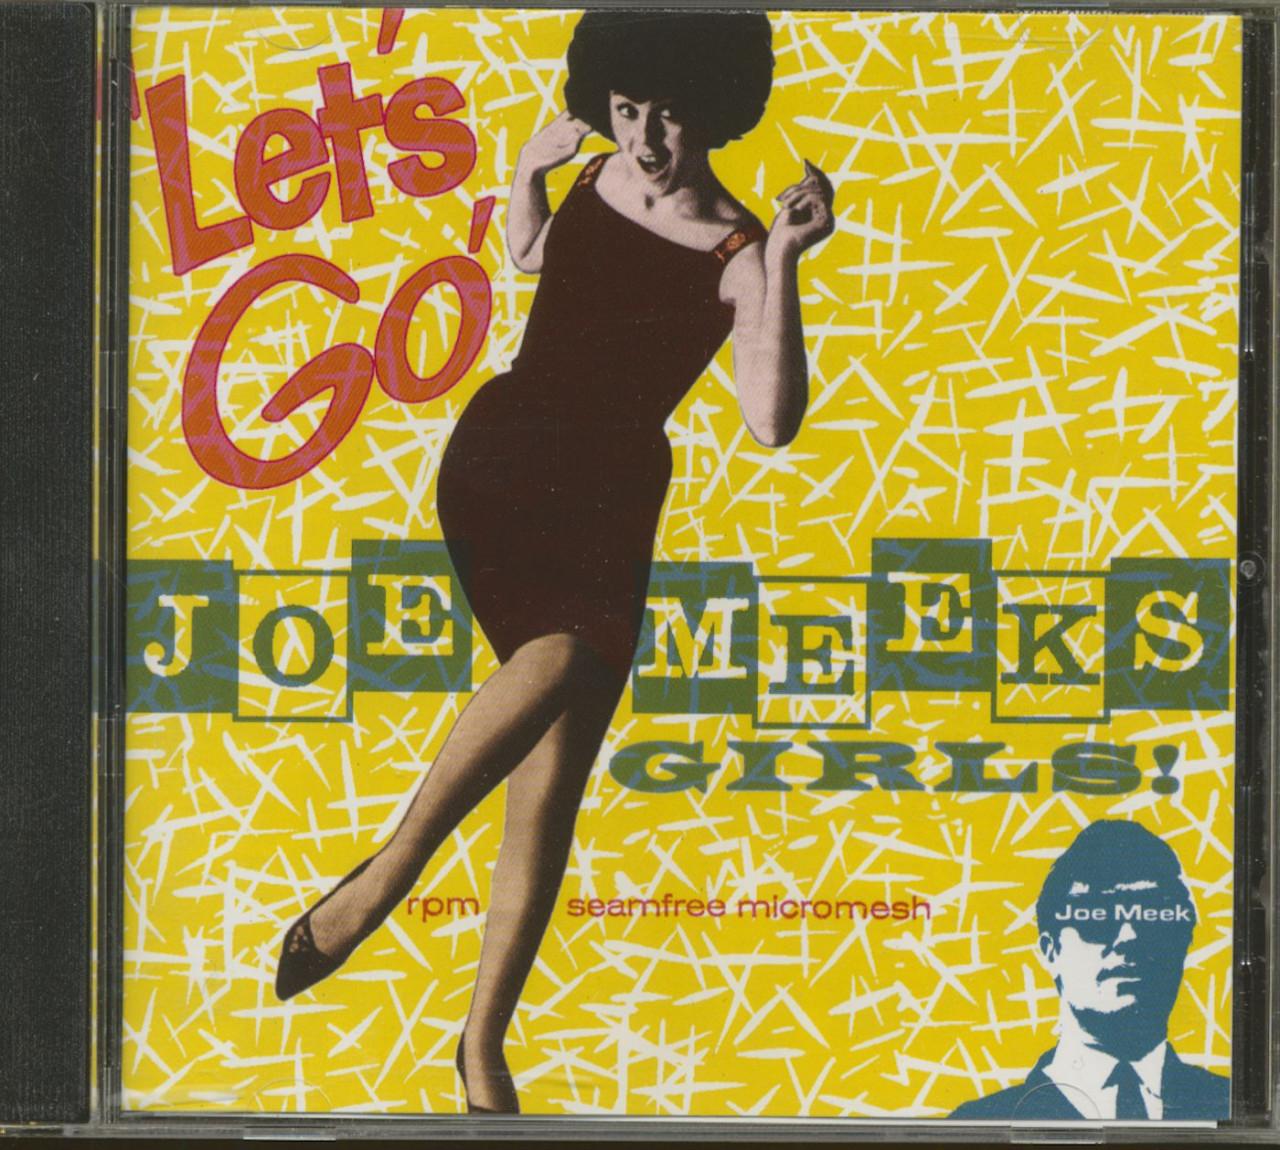 Various - Let´s Go - Joe Meek´s Girls (CD)